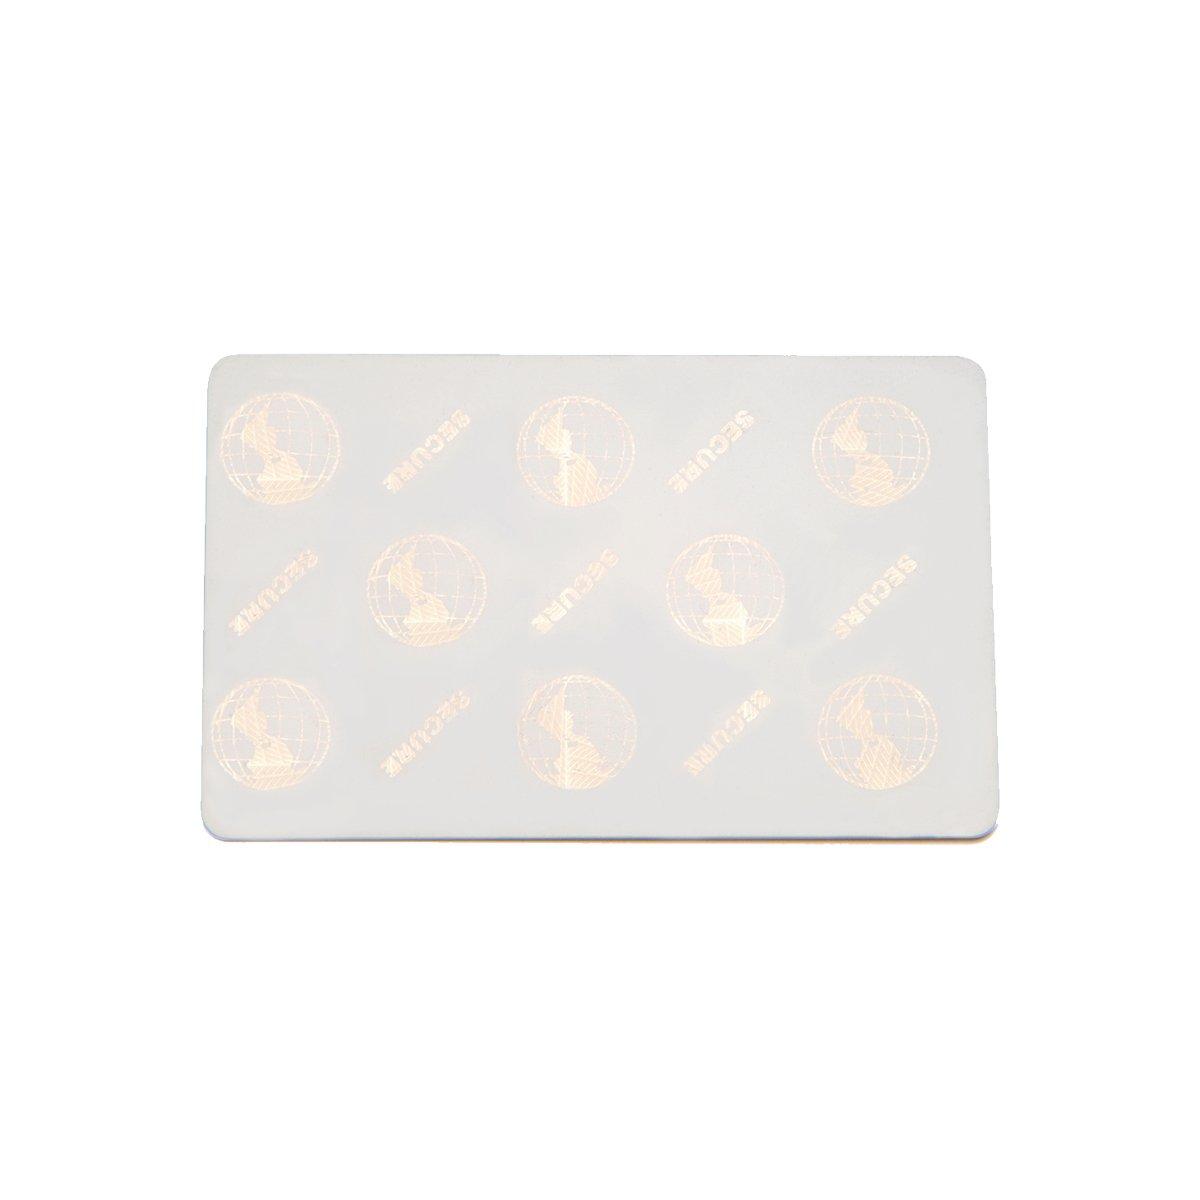 Karten, Zebra Premier Plus Security Cards, Hologramm, 30 mil mit Translucent Embedded Hologram, 2D world globe surf